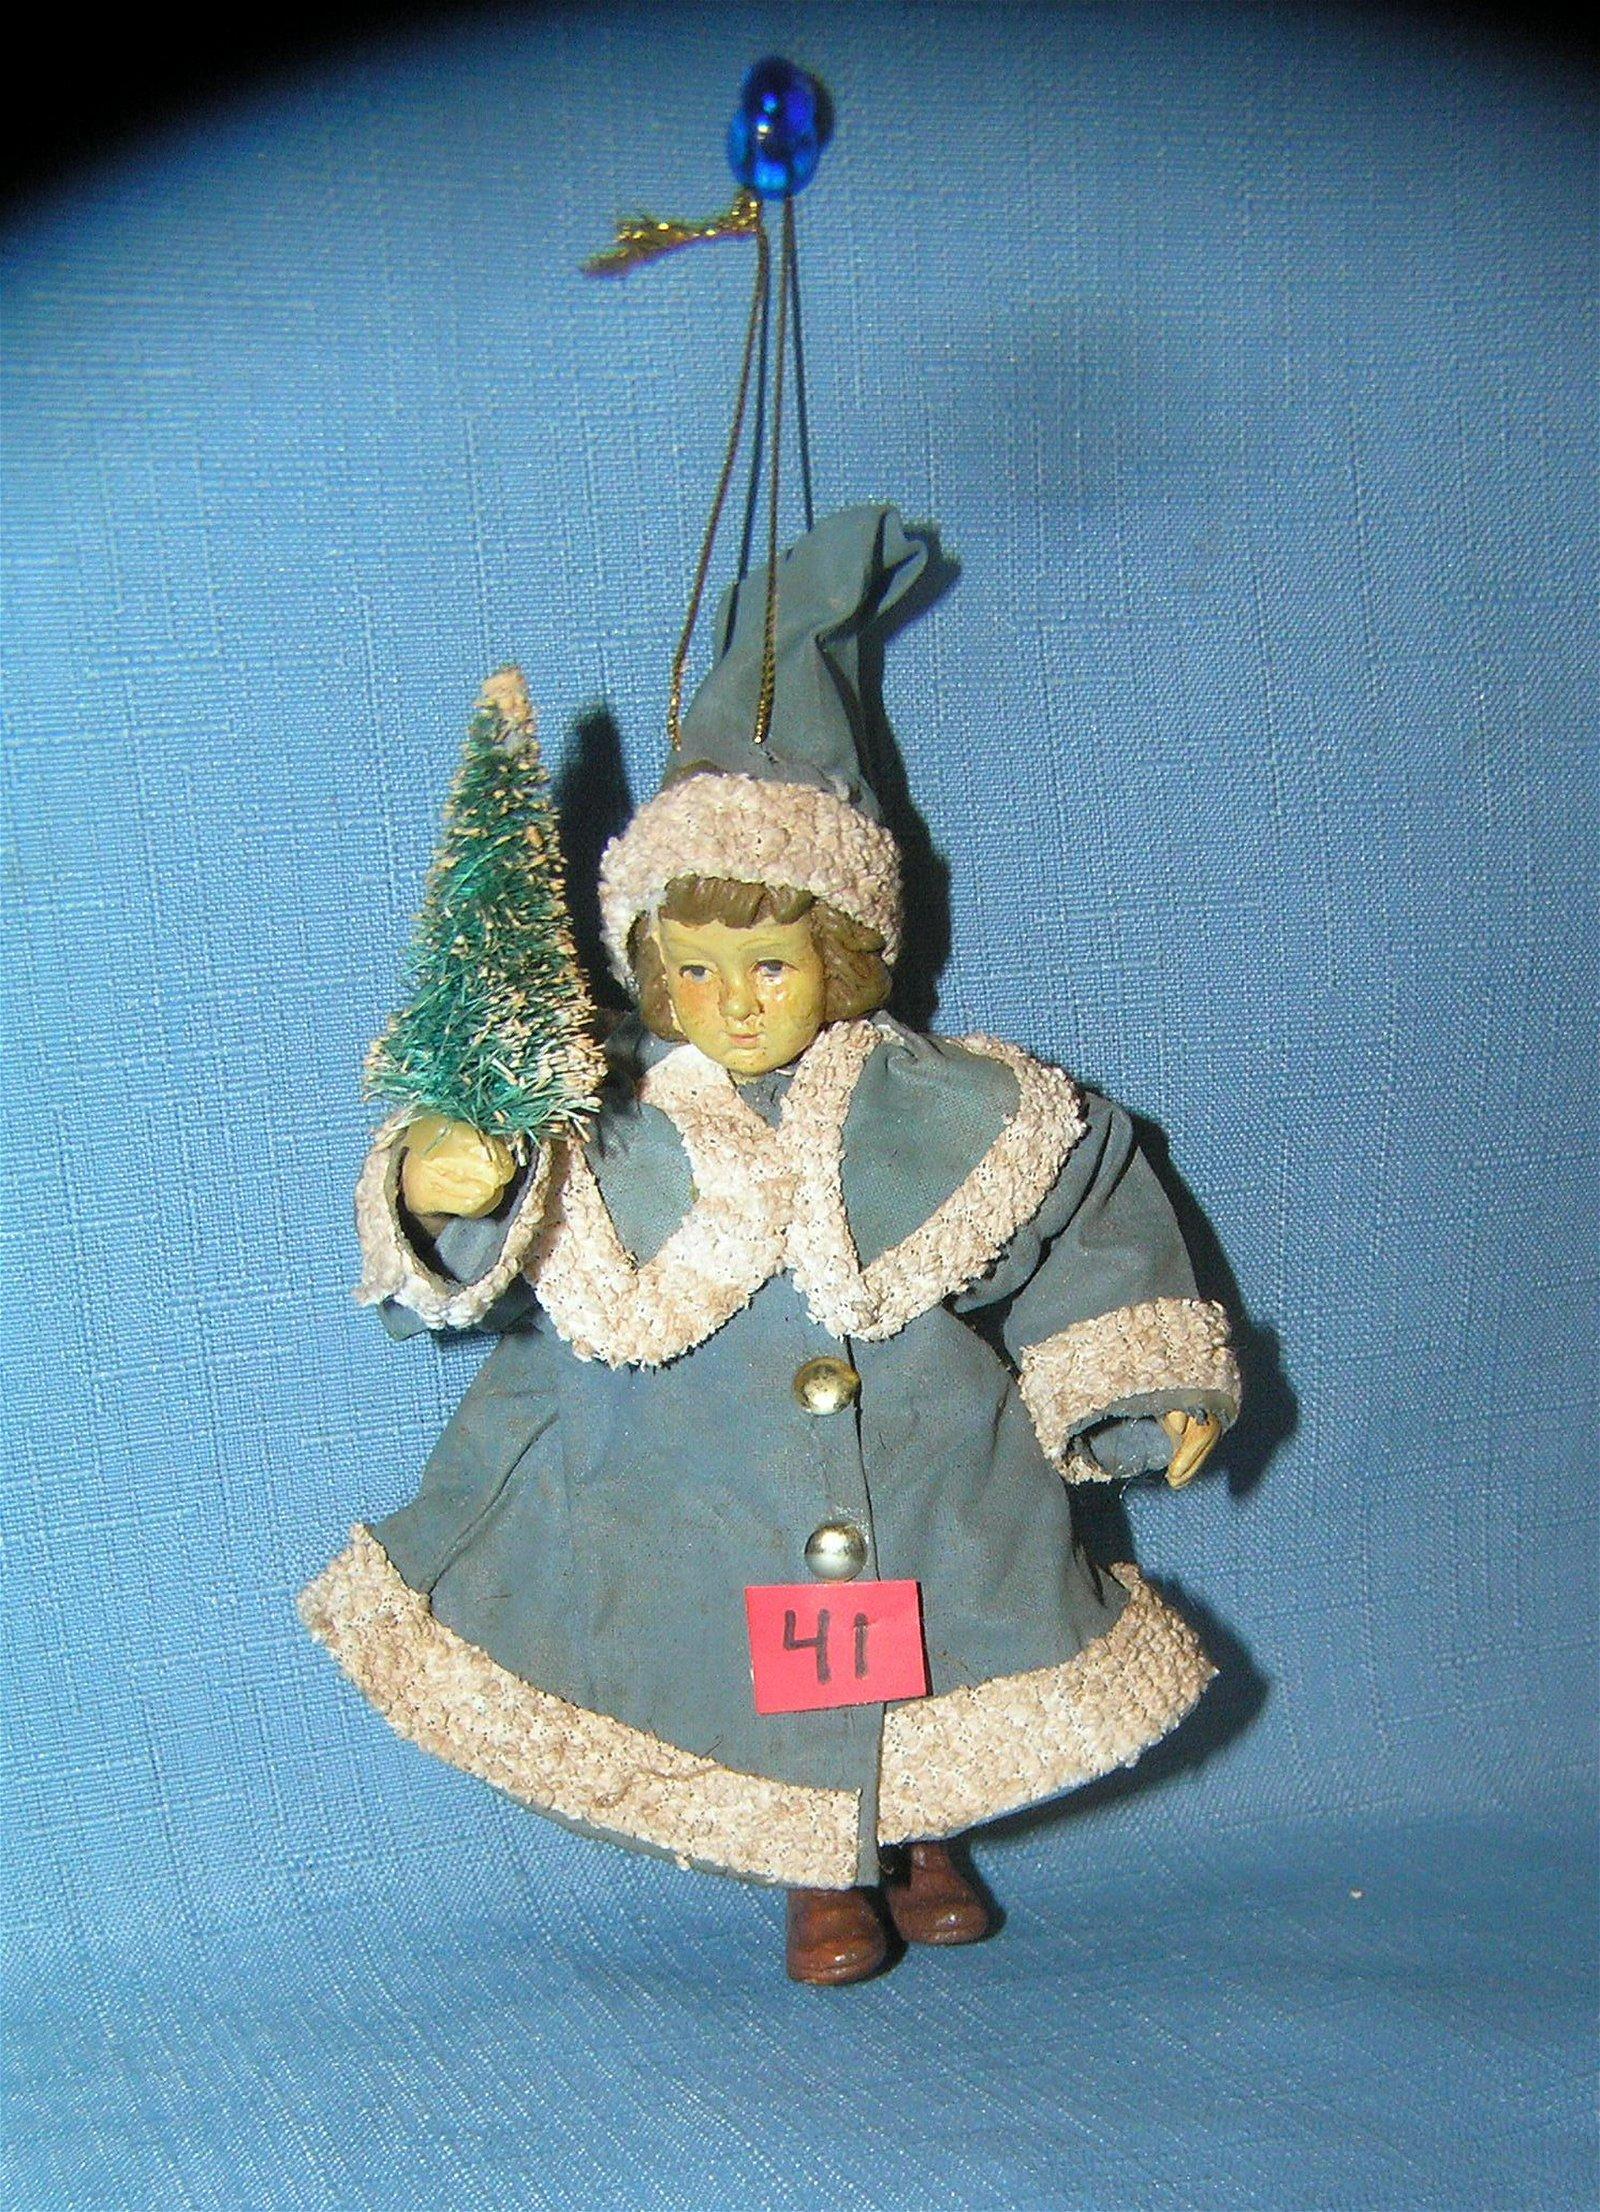 Girl with Christmas tree Christmas ornament